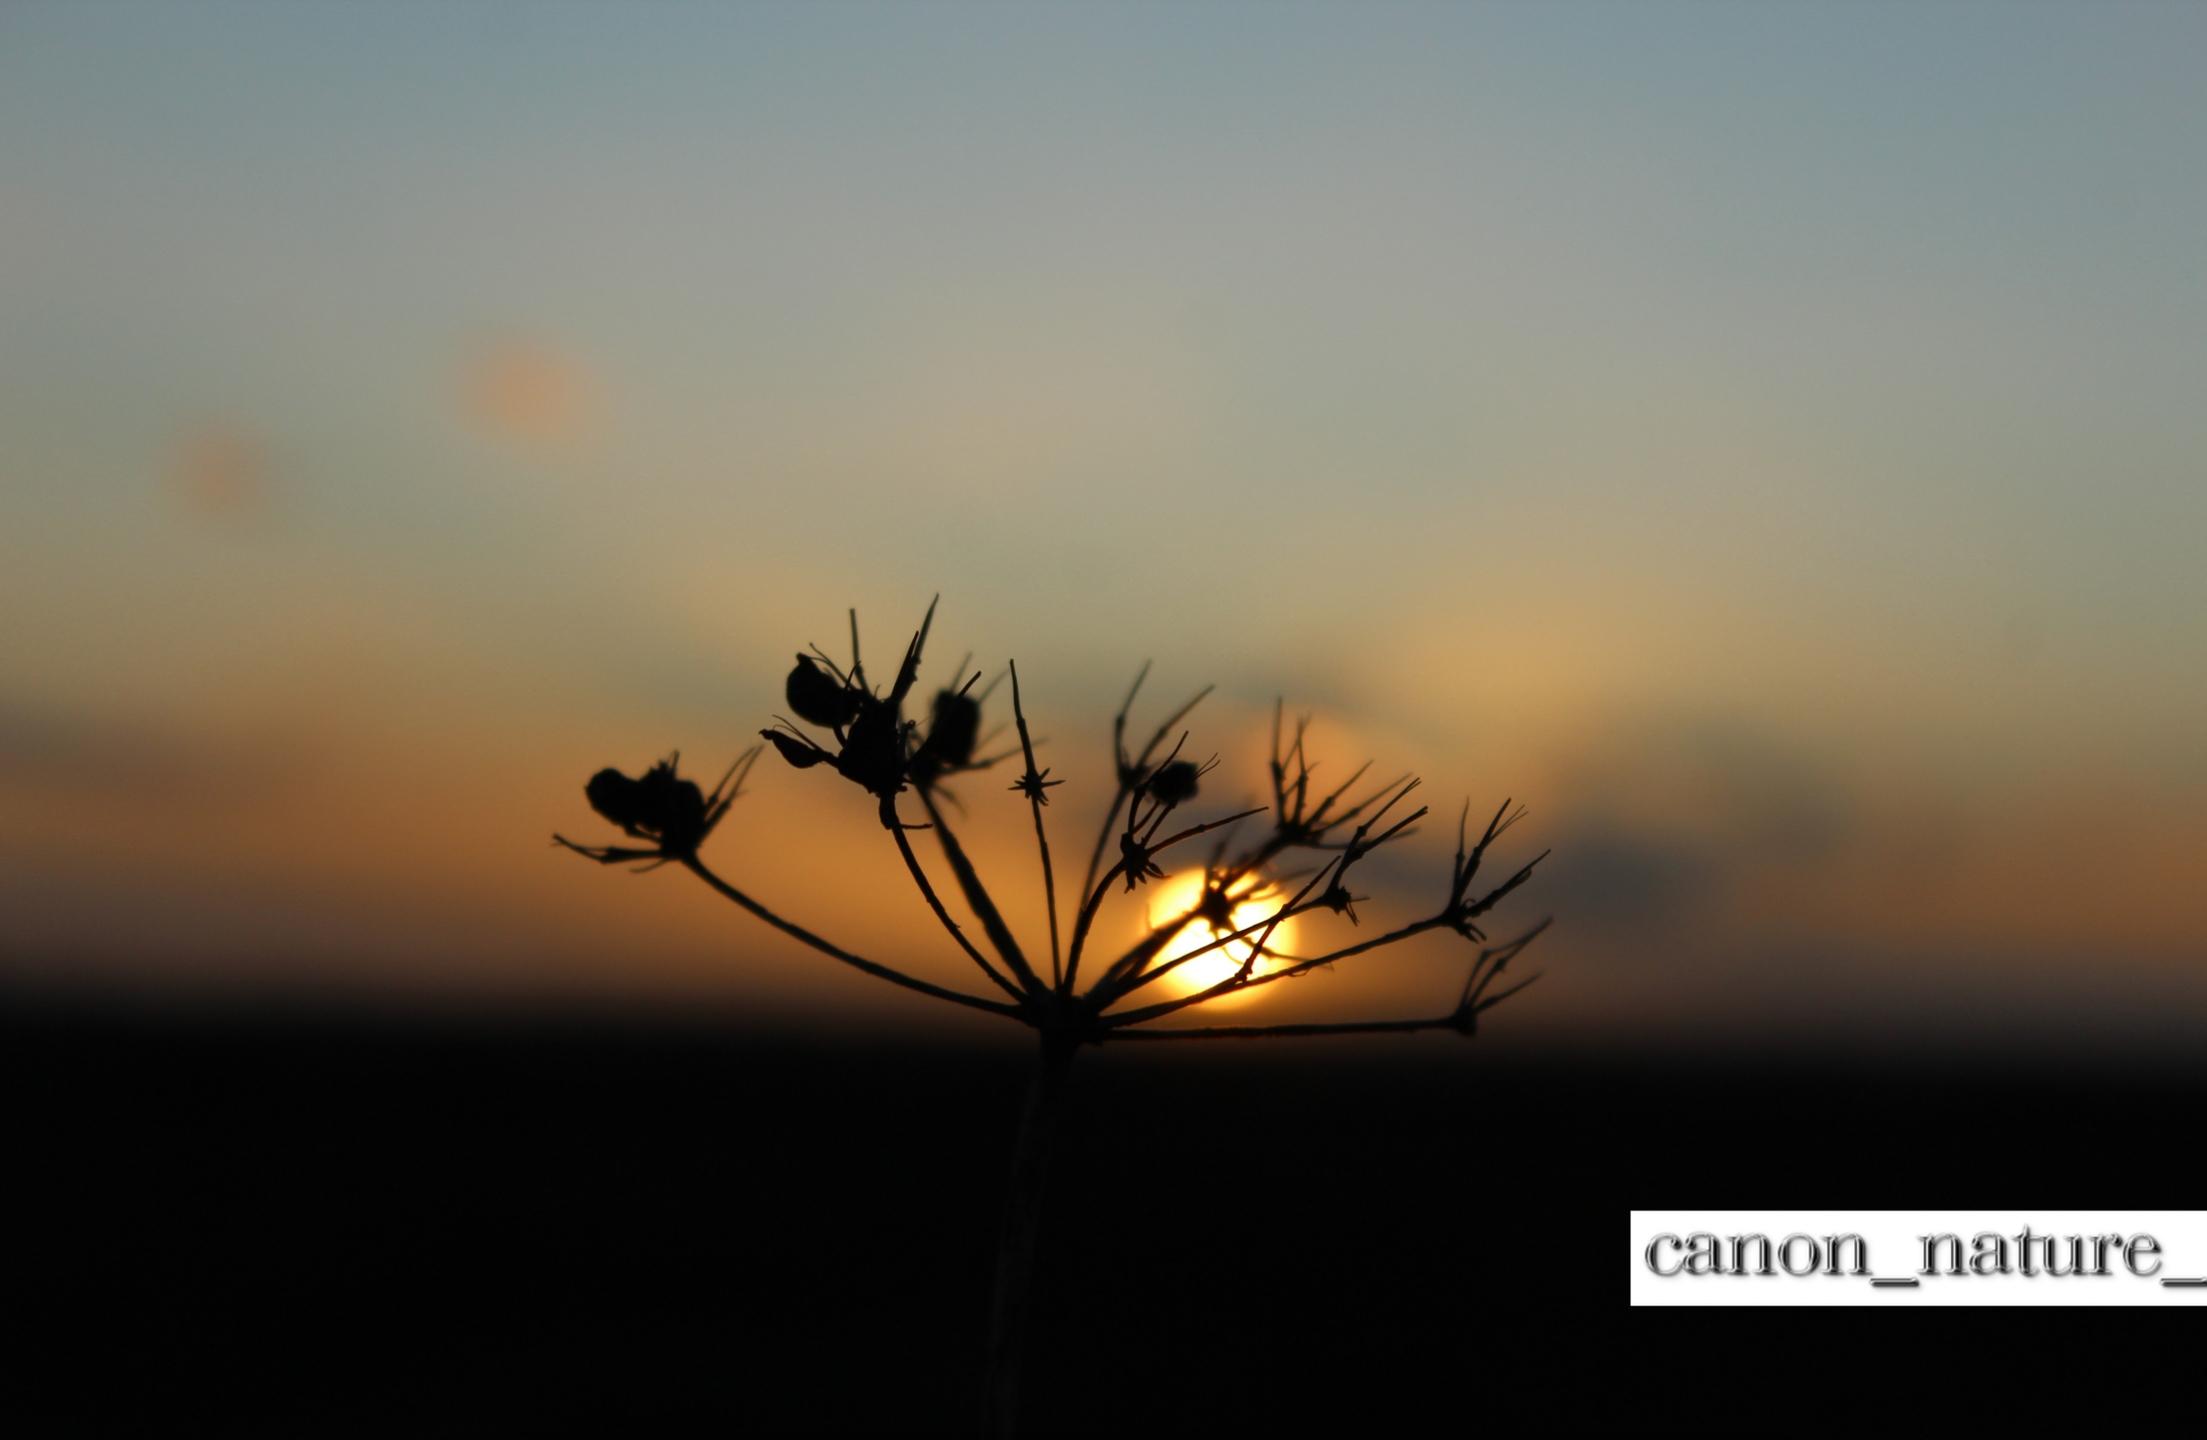 canon_nature_ (@canon_nature_) Cover Image